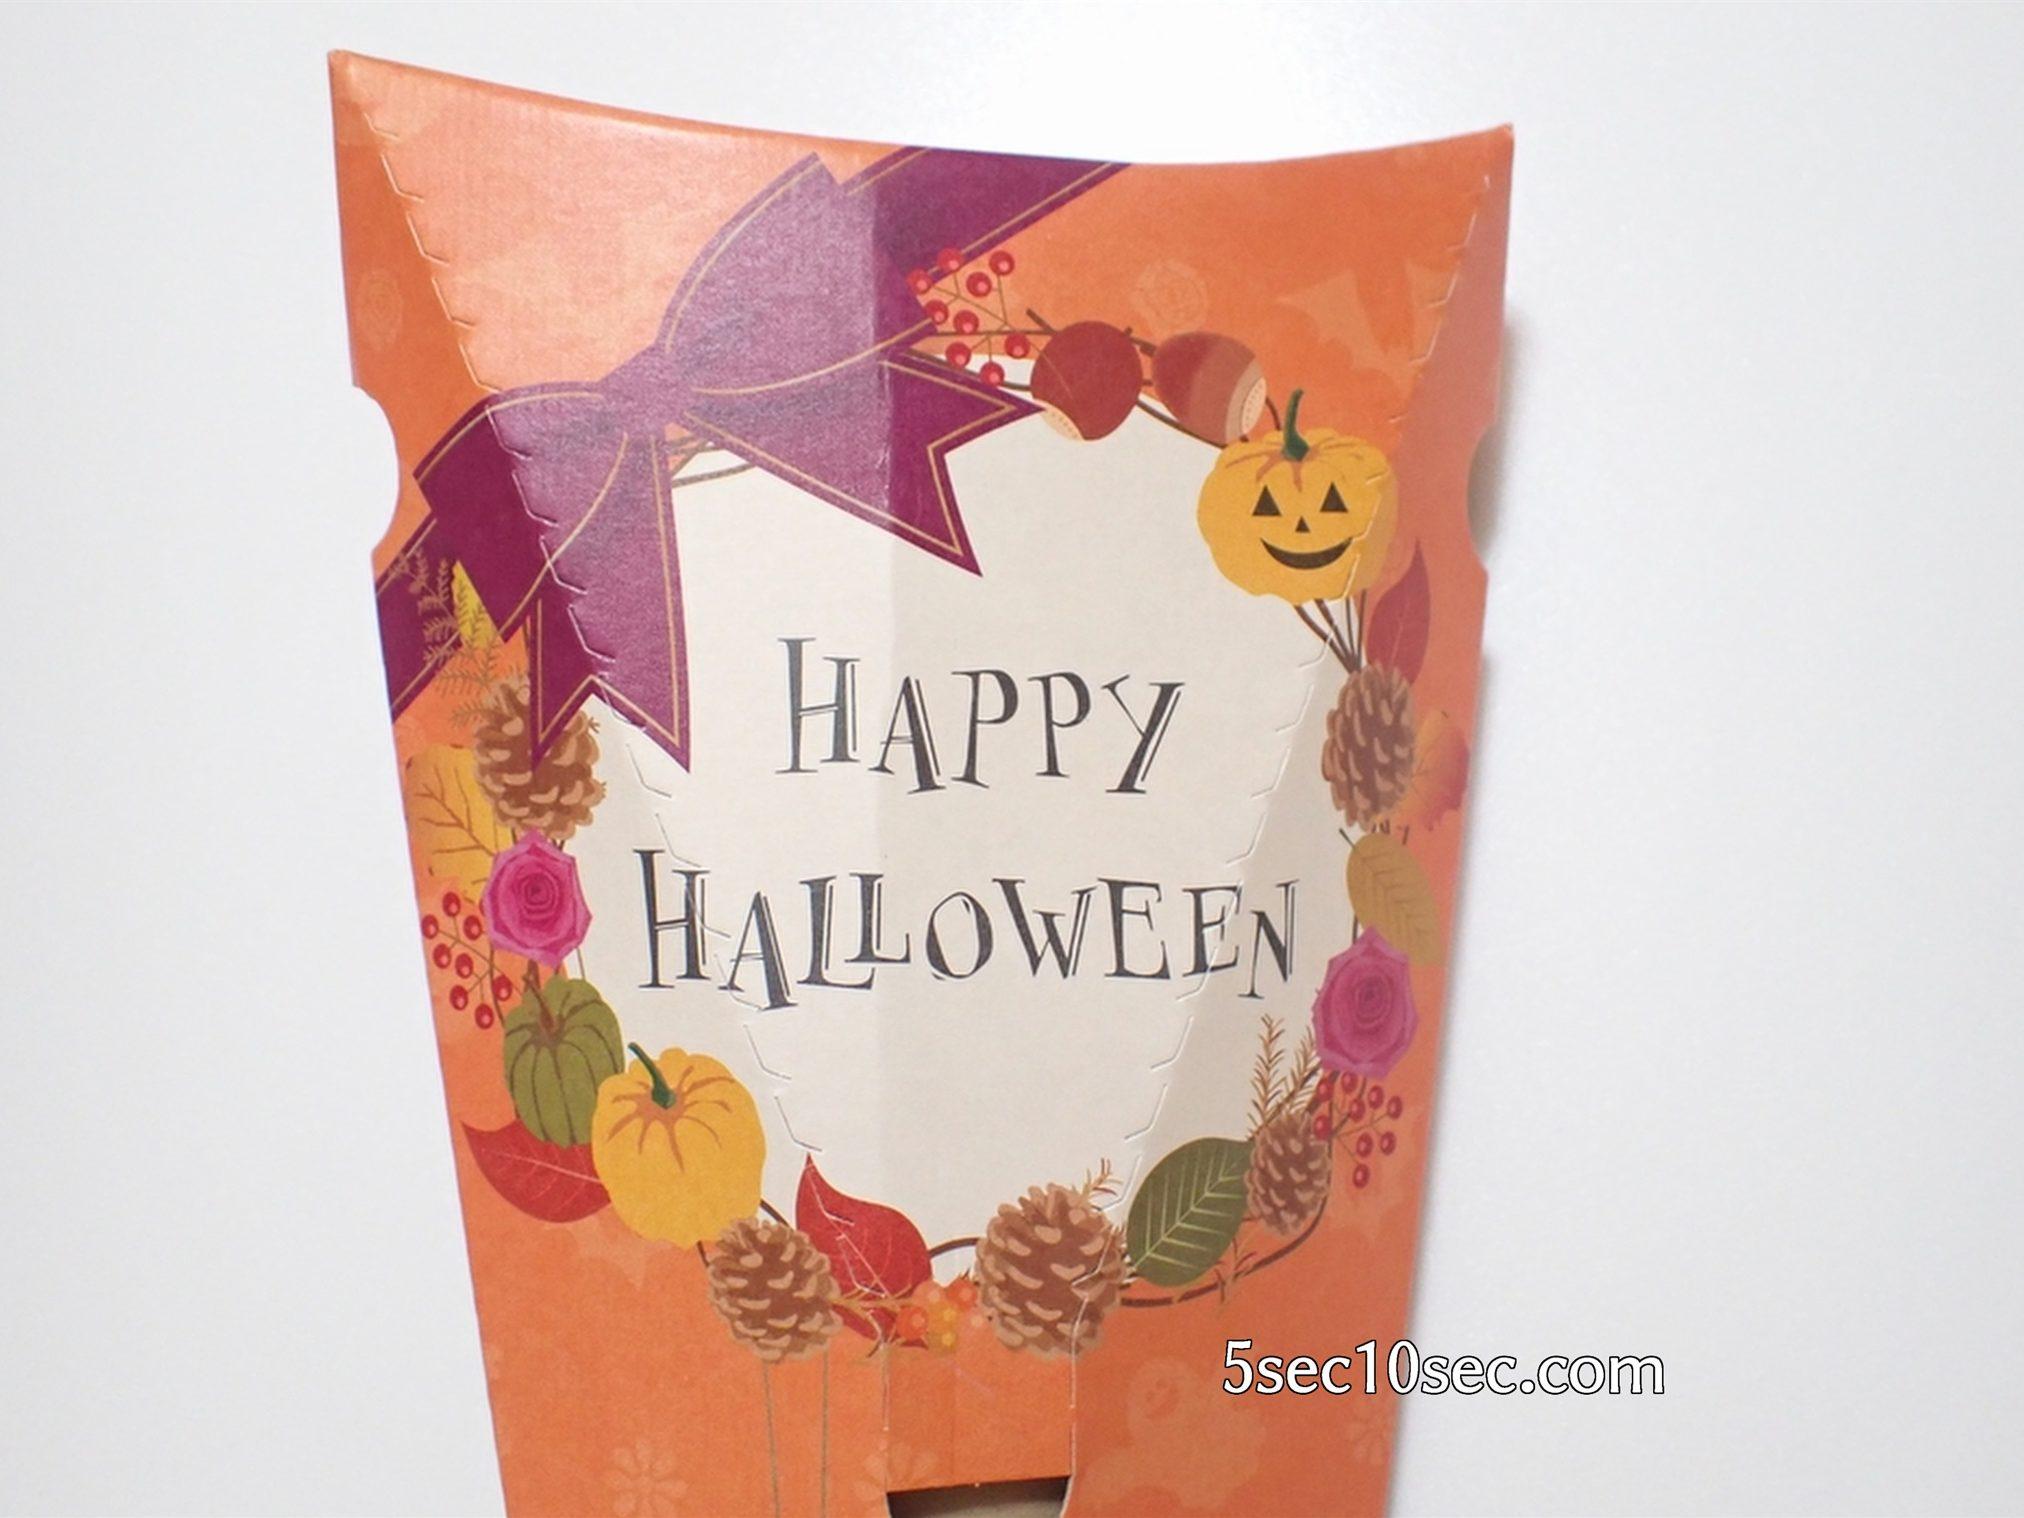 株式会社Crunch Style お花の定期便 Bloomee LIFE ブルーミーライフ ハローウィンの期間にはハロウィンの箱に入った可愛いパッケージで届きます